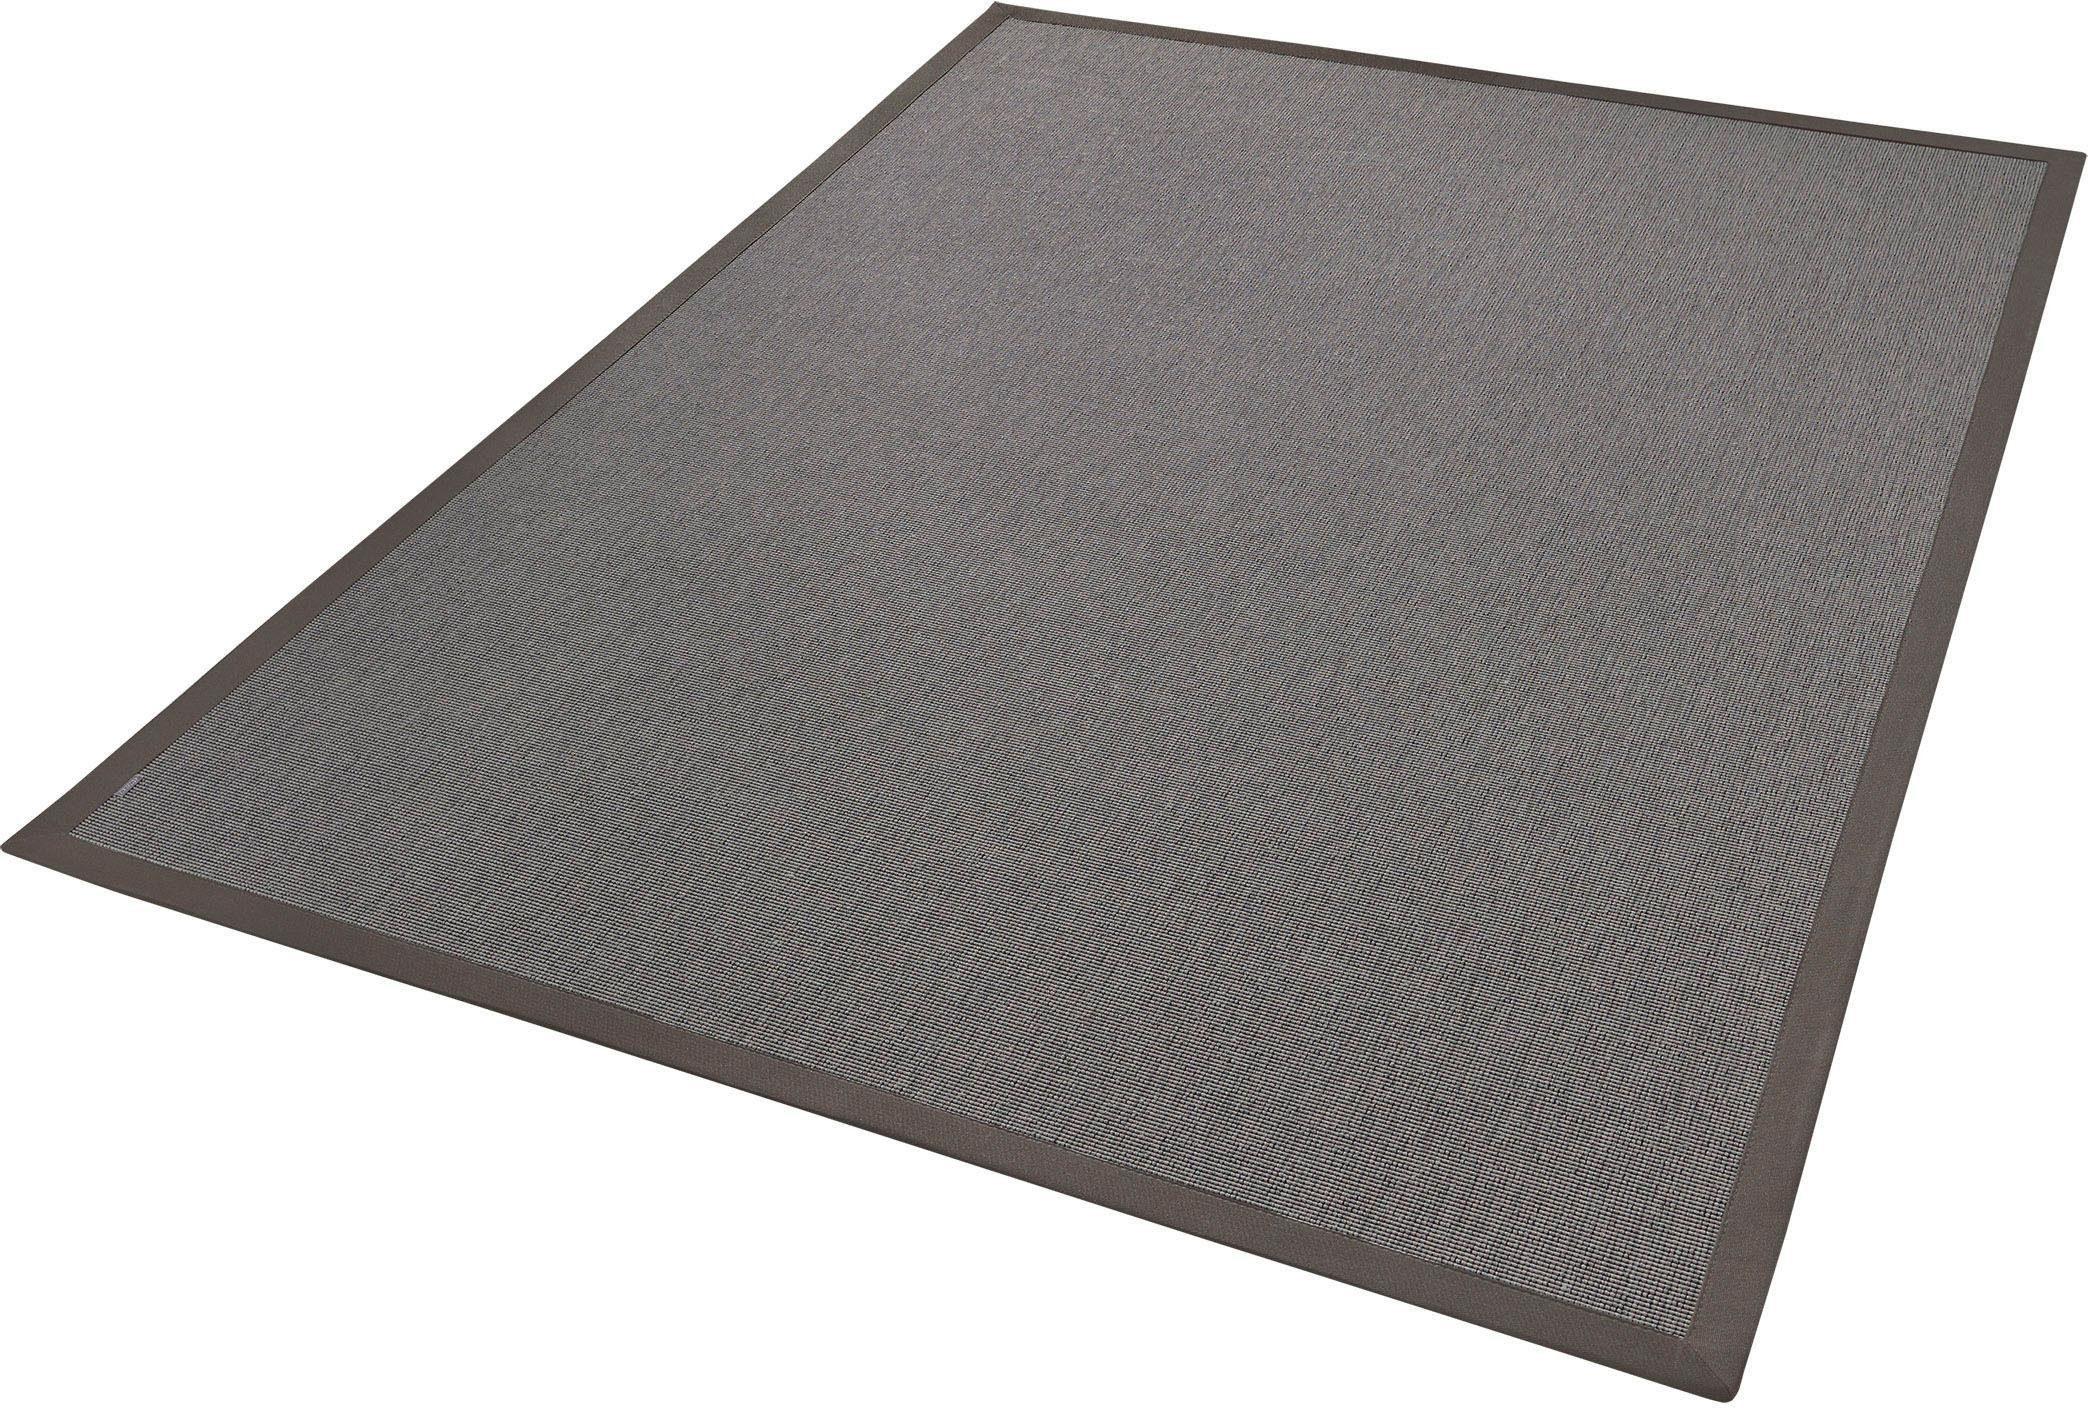 Teppich »Naturana Rips«, Dekowe, rechteckig, Höhe 8 mm, Wunschmaß